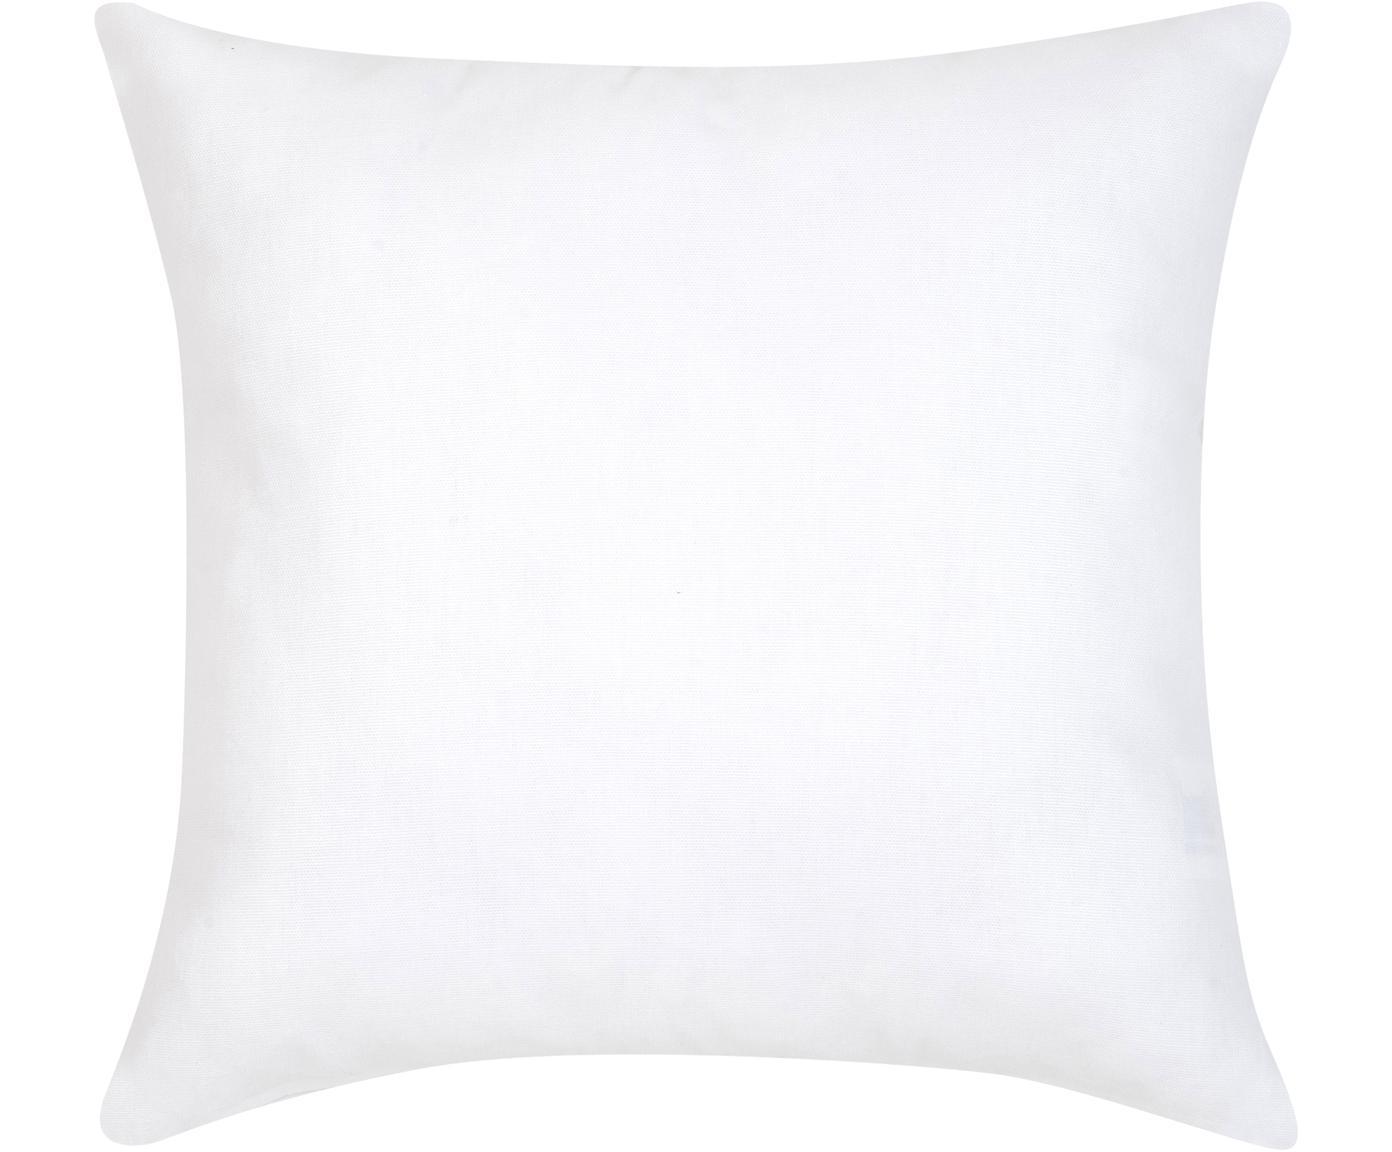 Kissenhüllen Noel, 2er-Set, Baumwolle, Schwarz, Weiß, 40 x 40 cm